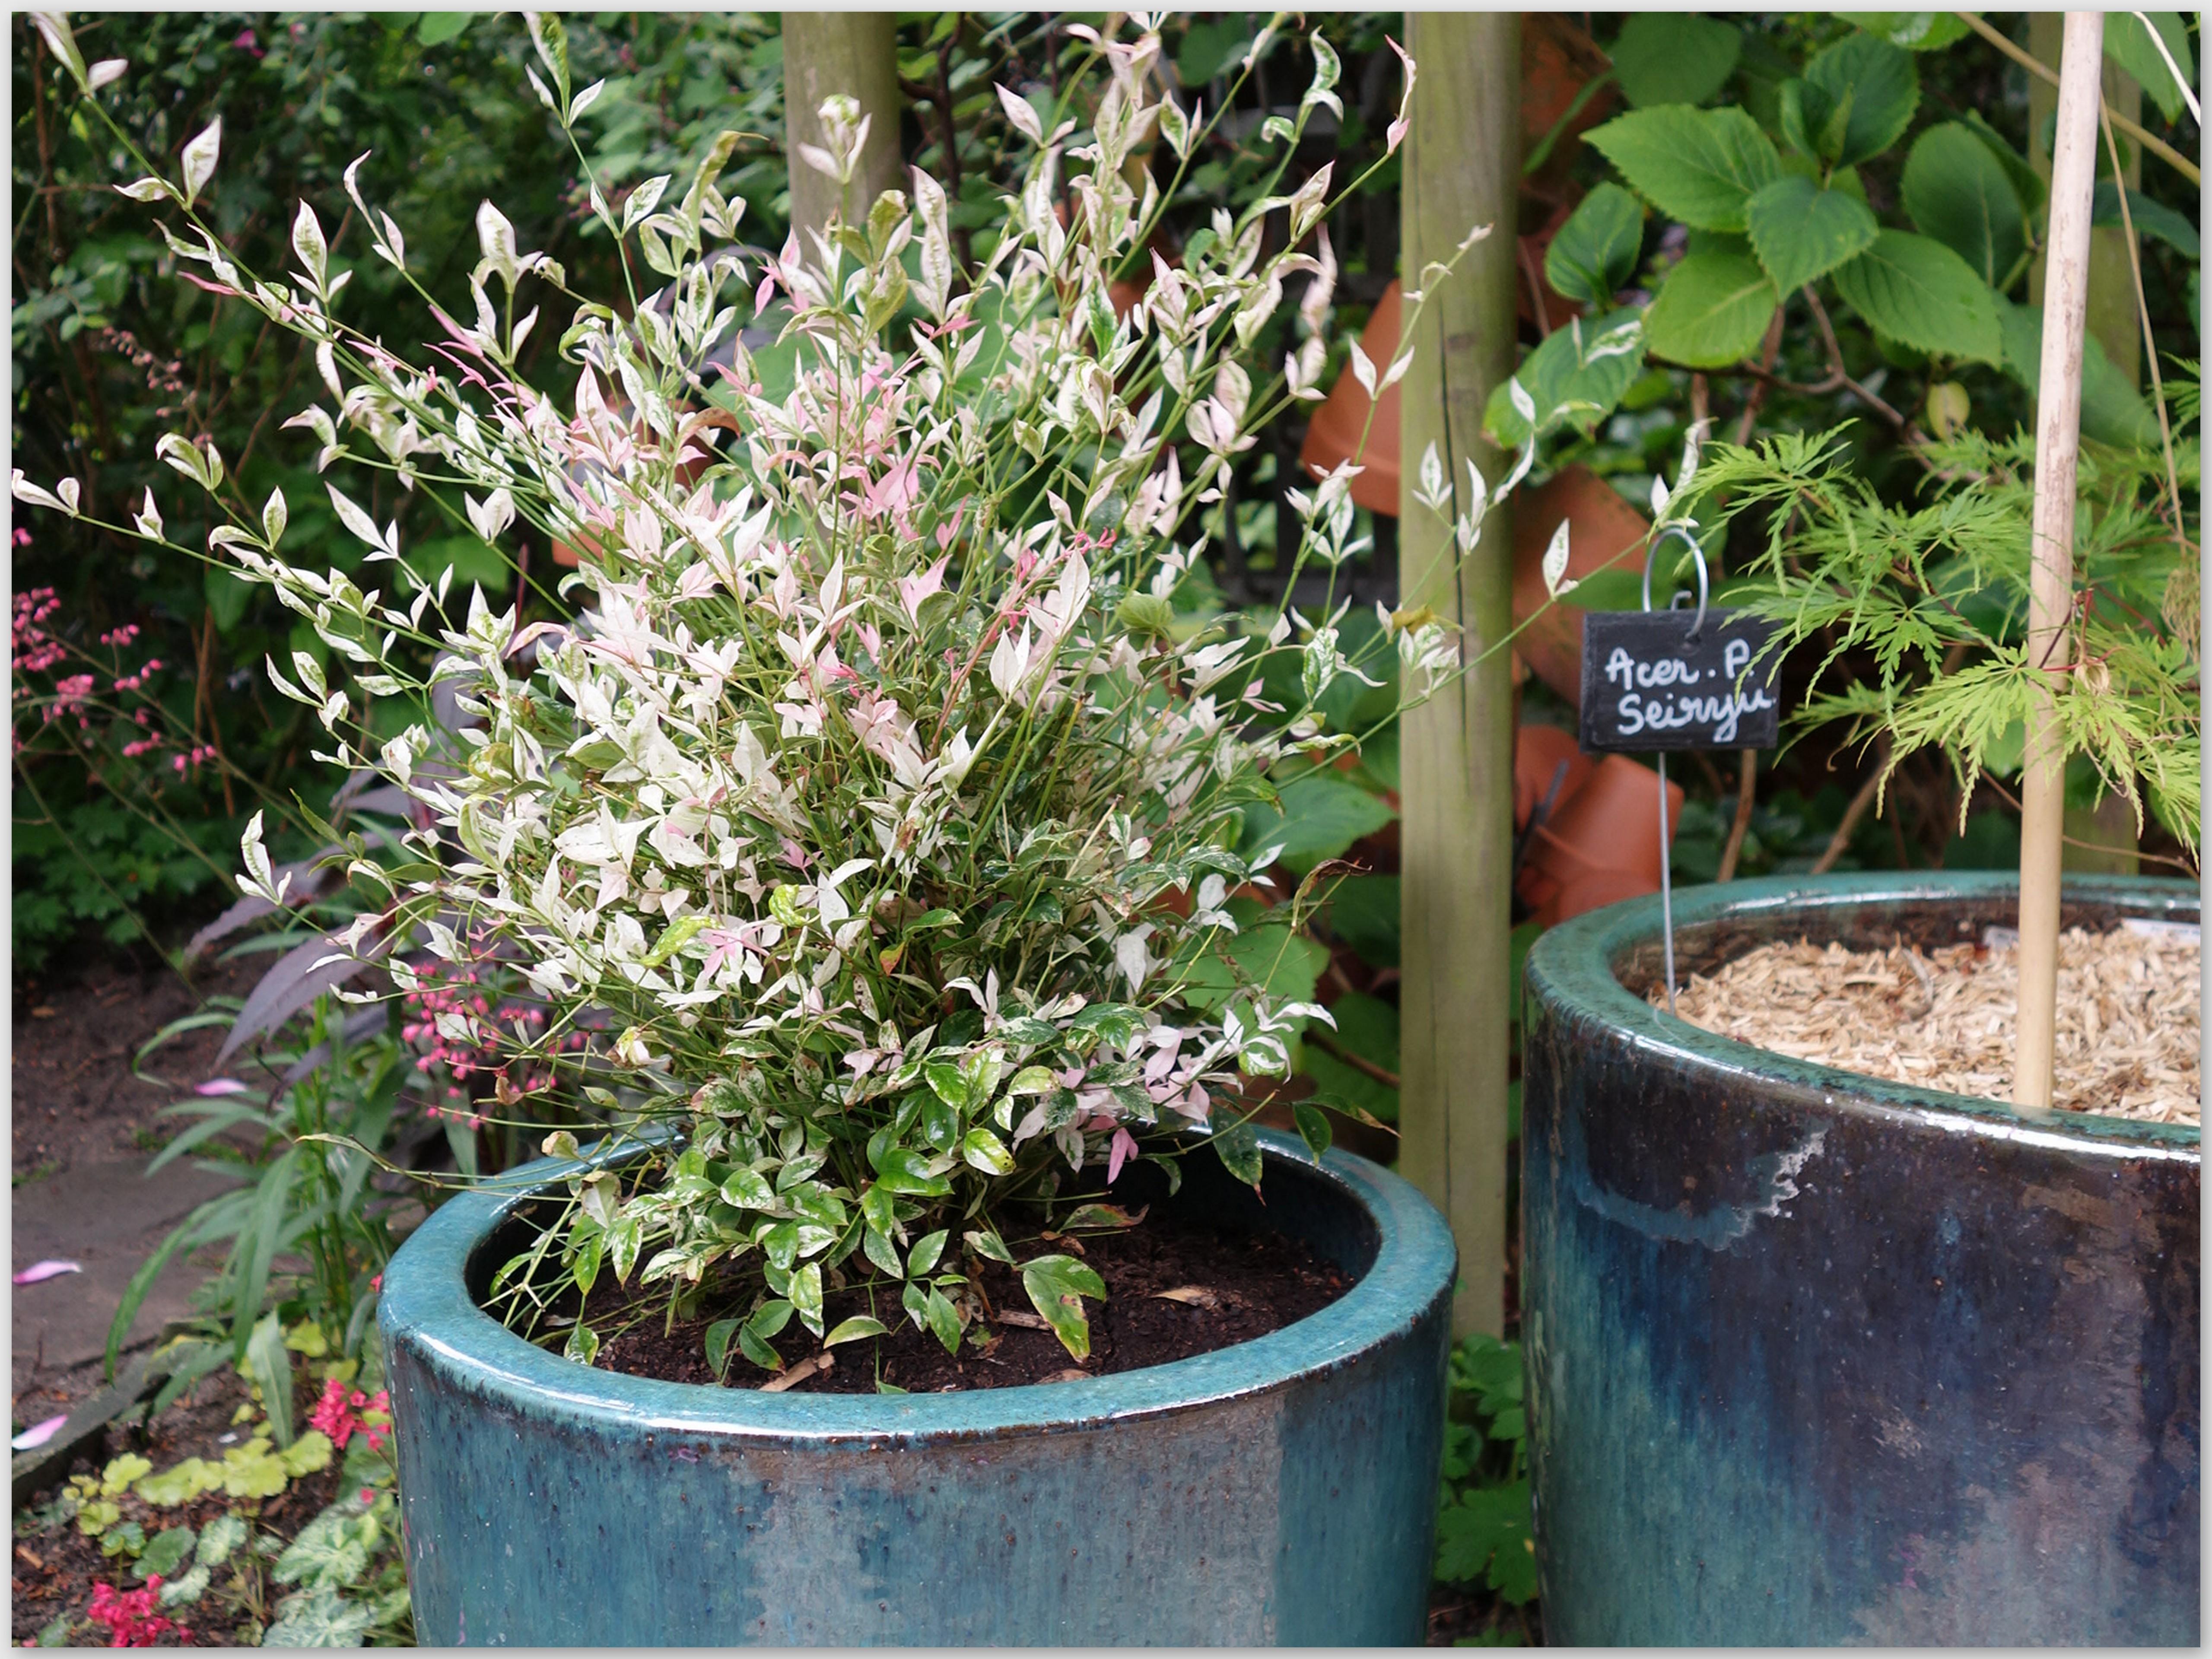 Arbuste Persistant En Pot Plein Soleil plantations - (page 2) - le jardin du 130